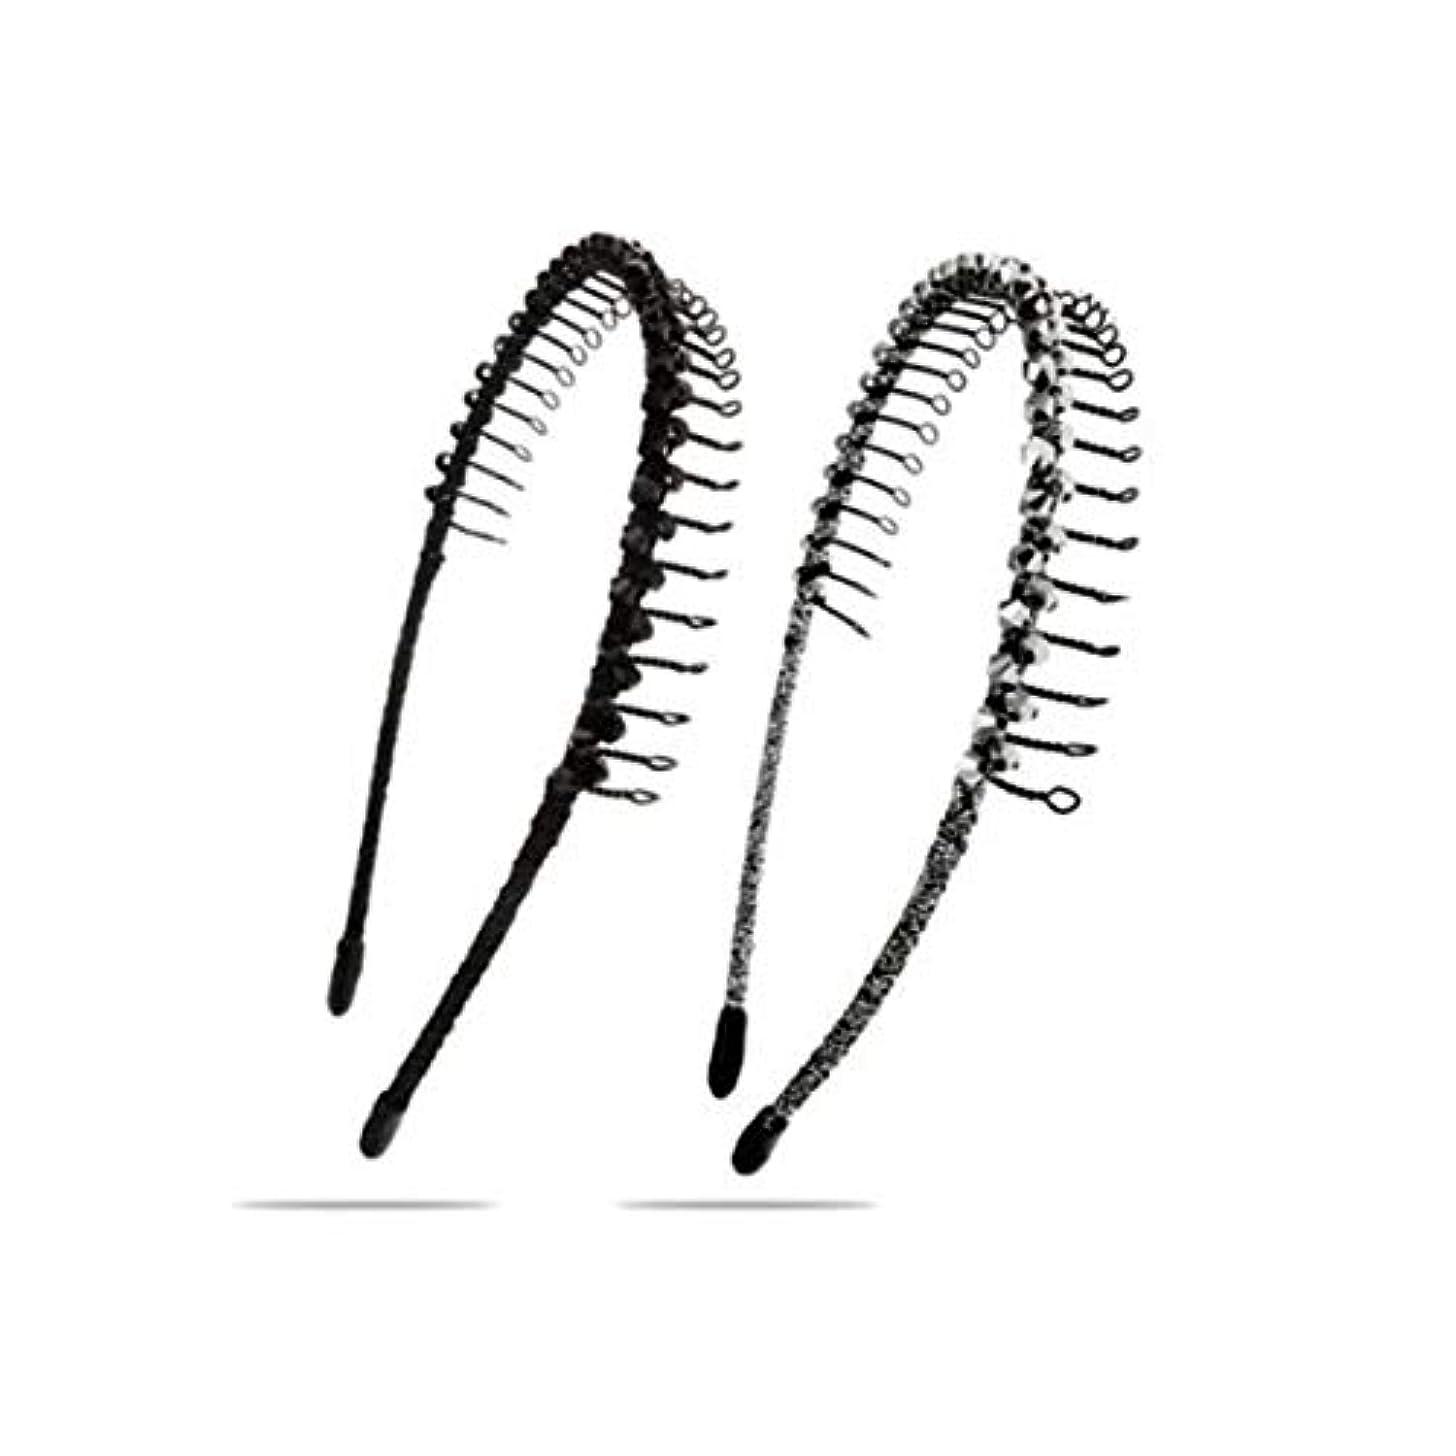 スリット発行割れ目ヘアクリップ、ヘアピン、ヘアグリップ、ヘアグリップ、ファッション歯付きヘアバンドヘッドバンド2ピースセットヘッドバンドヘアアクセサリースリップヘアピン大人シンプル帽子クリップカラーミキシング (Color : Gray)